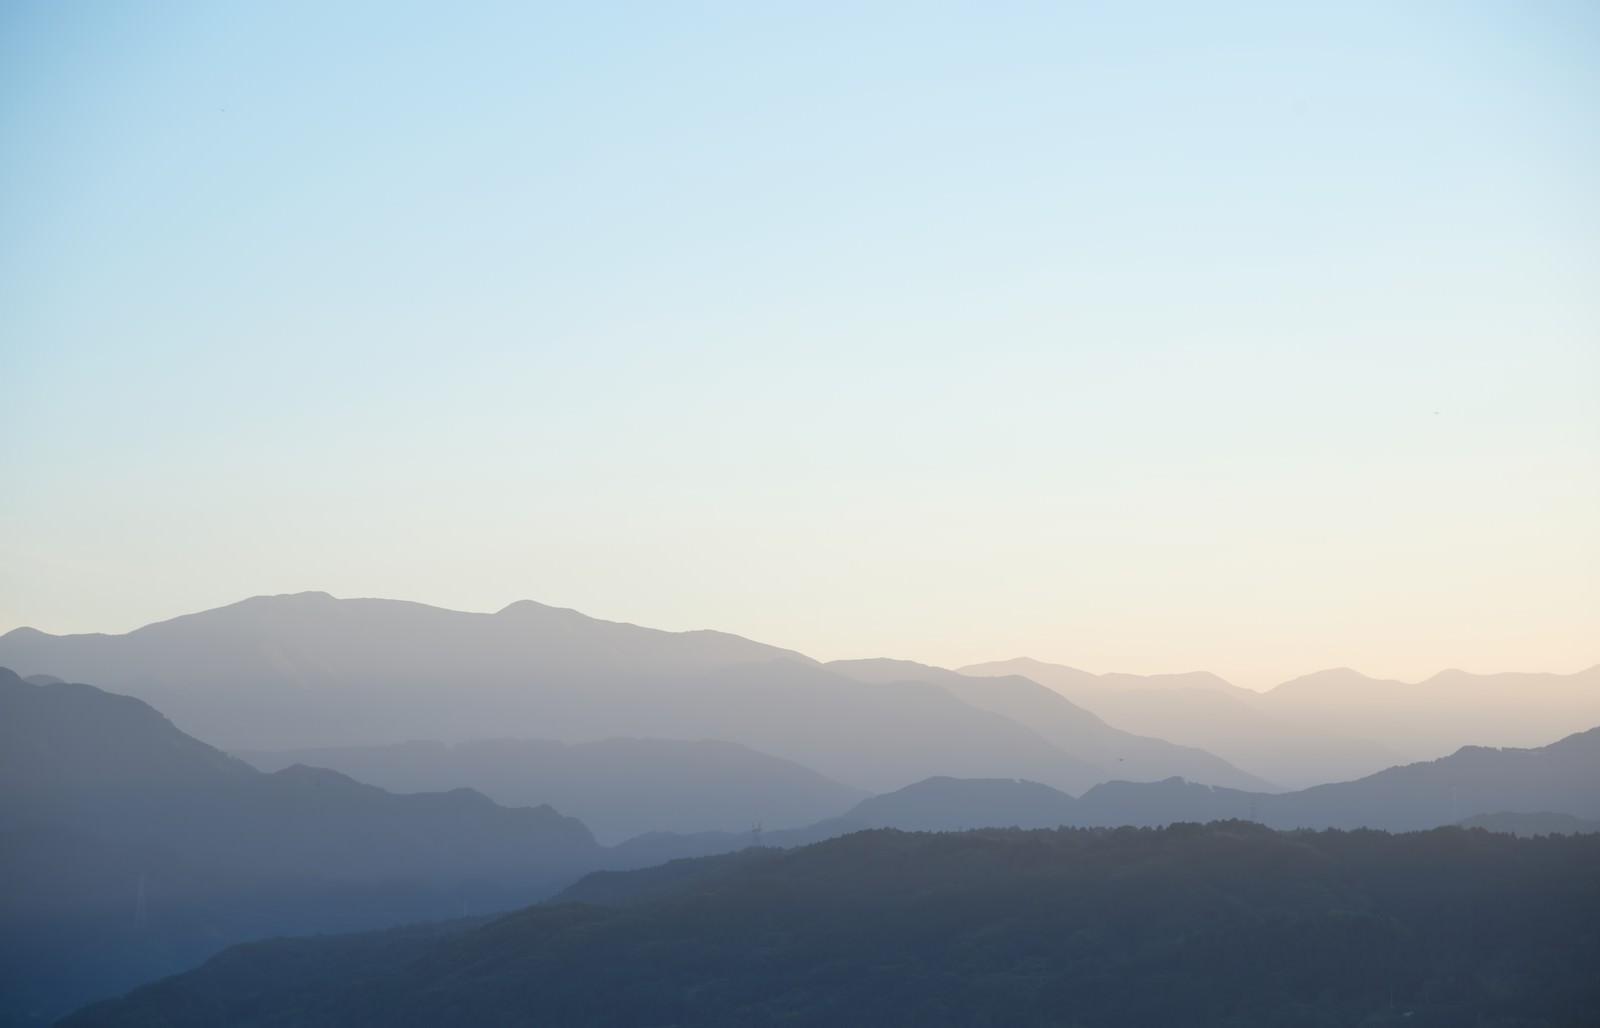 「霧深い山々」の写真